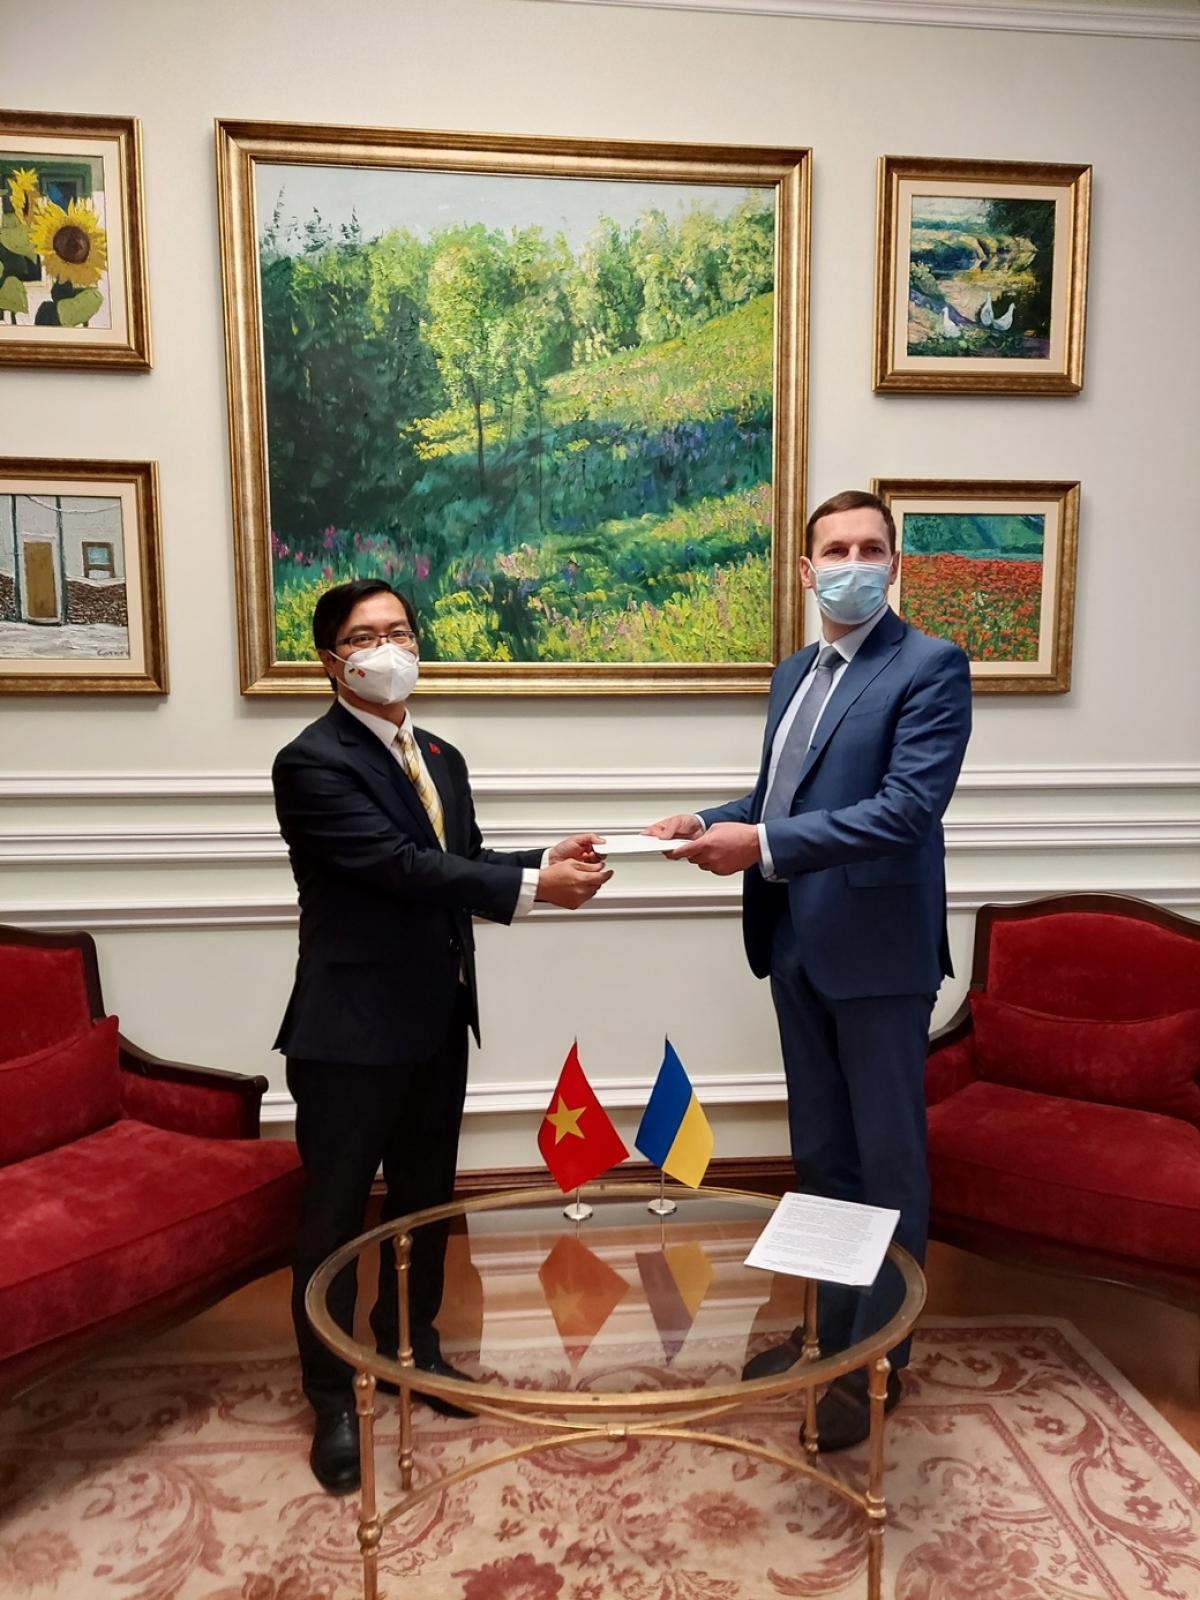 Đại sứ Nguyễn Hồng Thạch(trái) trình bản sao Ủy nhiệm thư cho Thứ trưởng Bộ Ngoại giao UkrainaYevheniy Yenin.